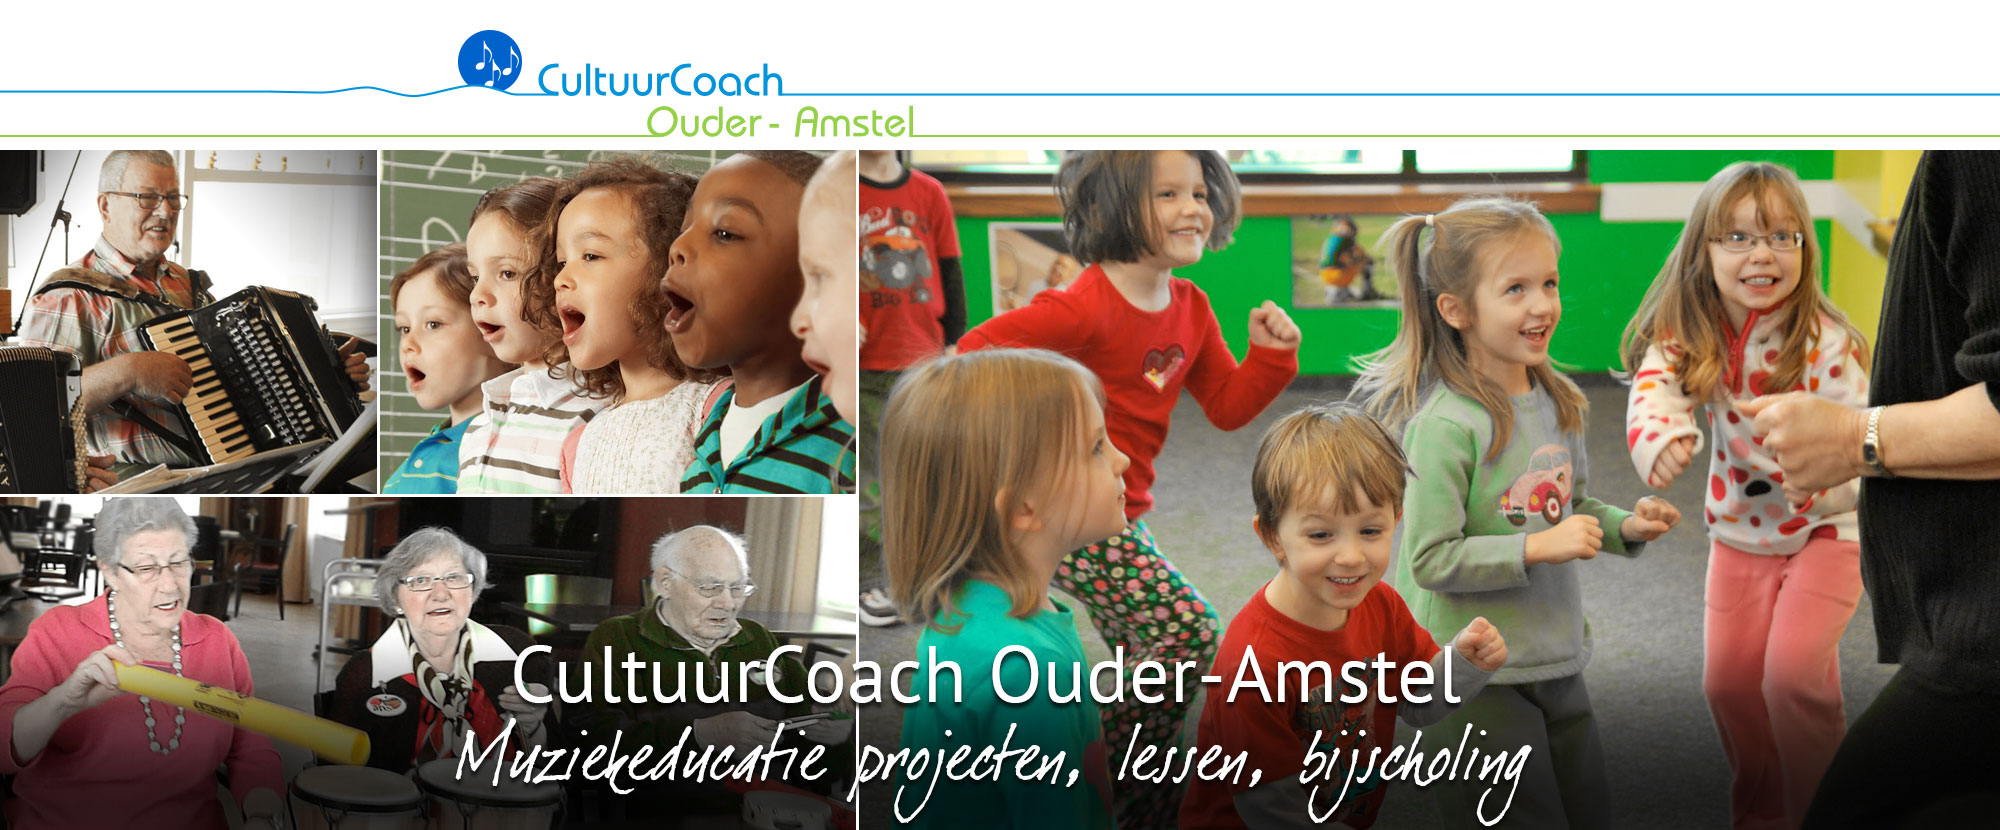 Cultuurcoach Ouder-Amstel muziekeducatie gesubsidieerd door de gemeente